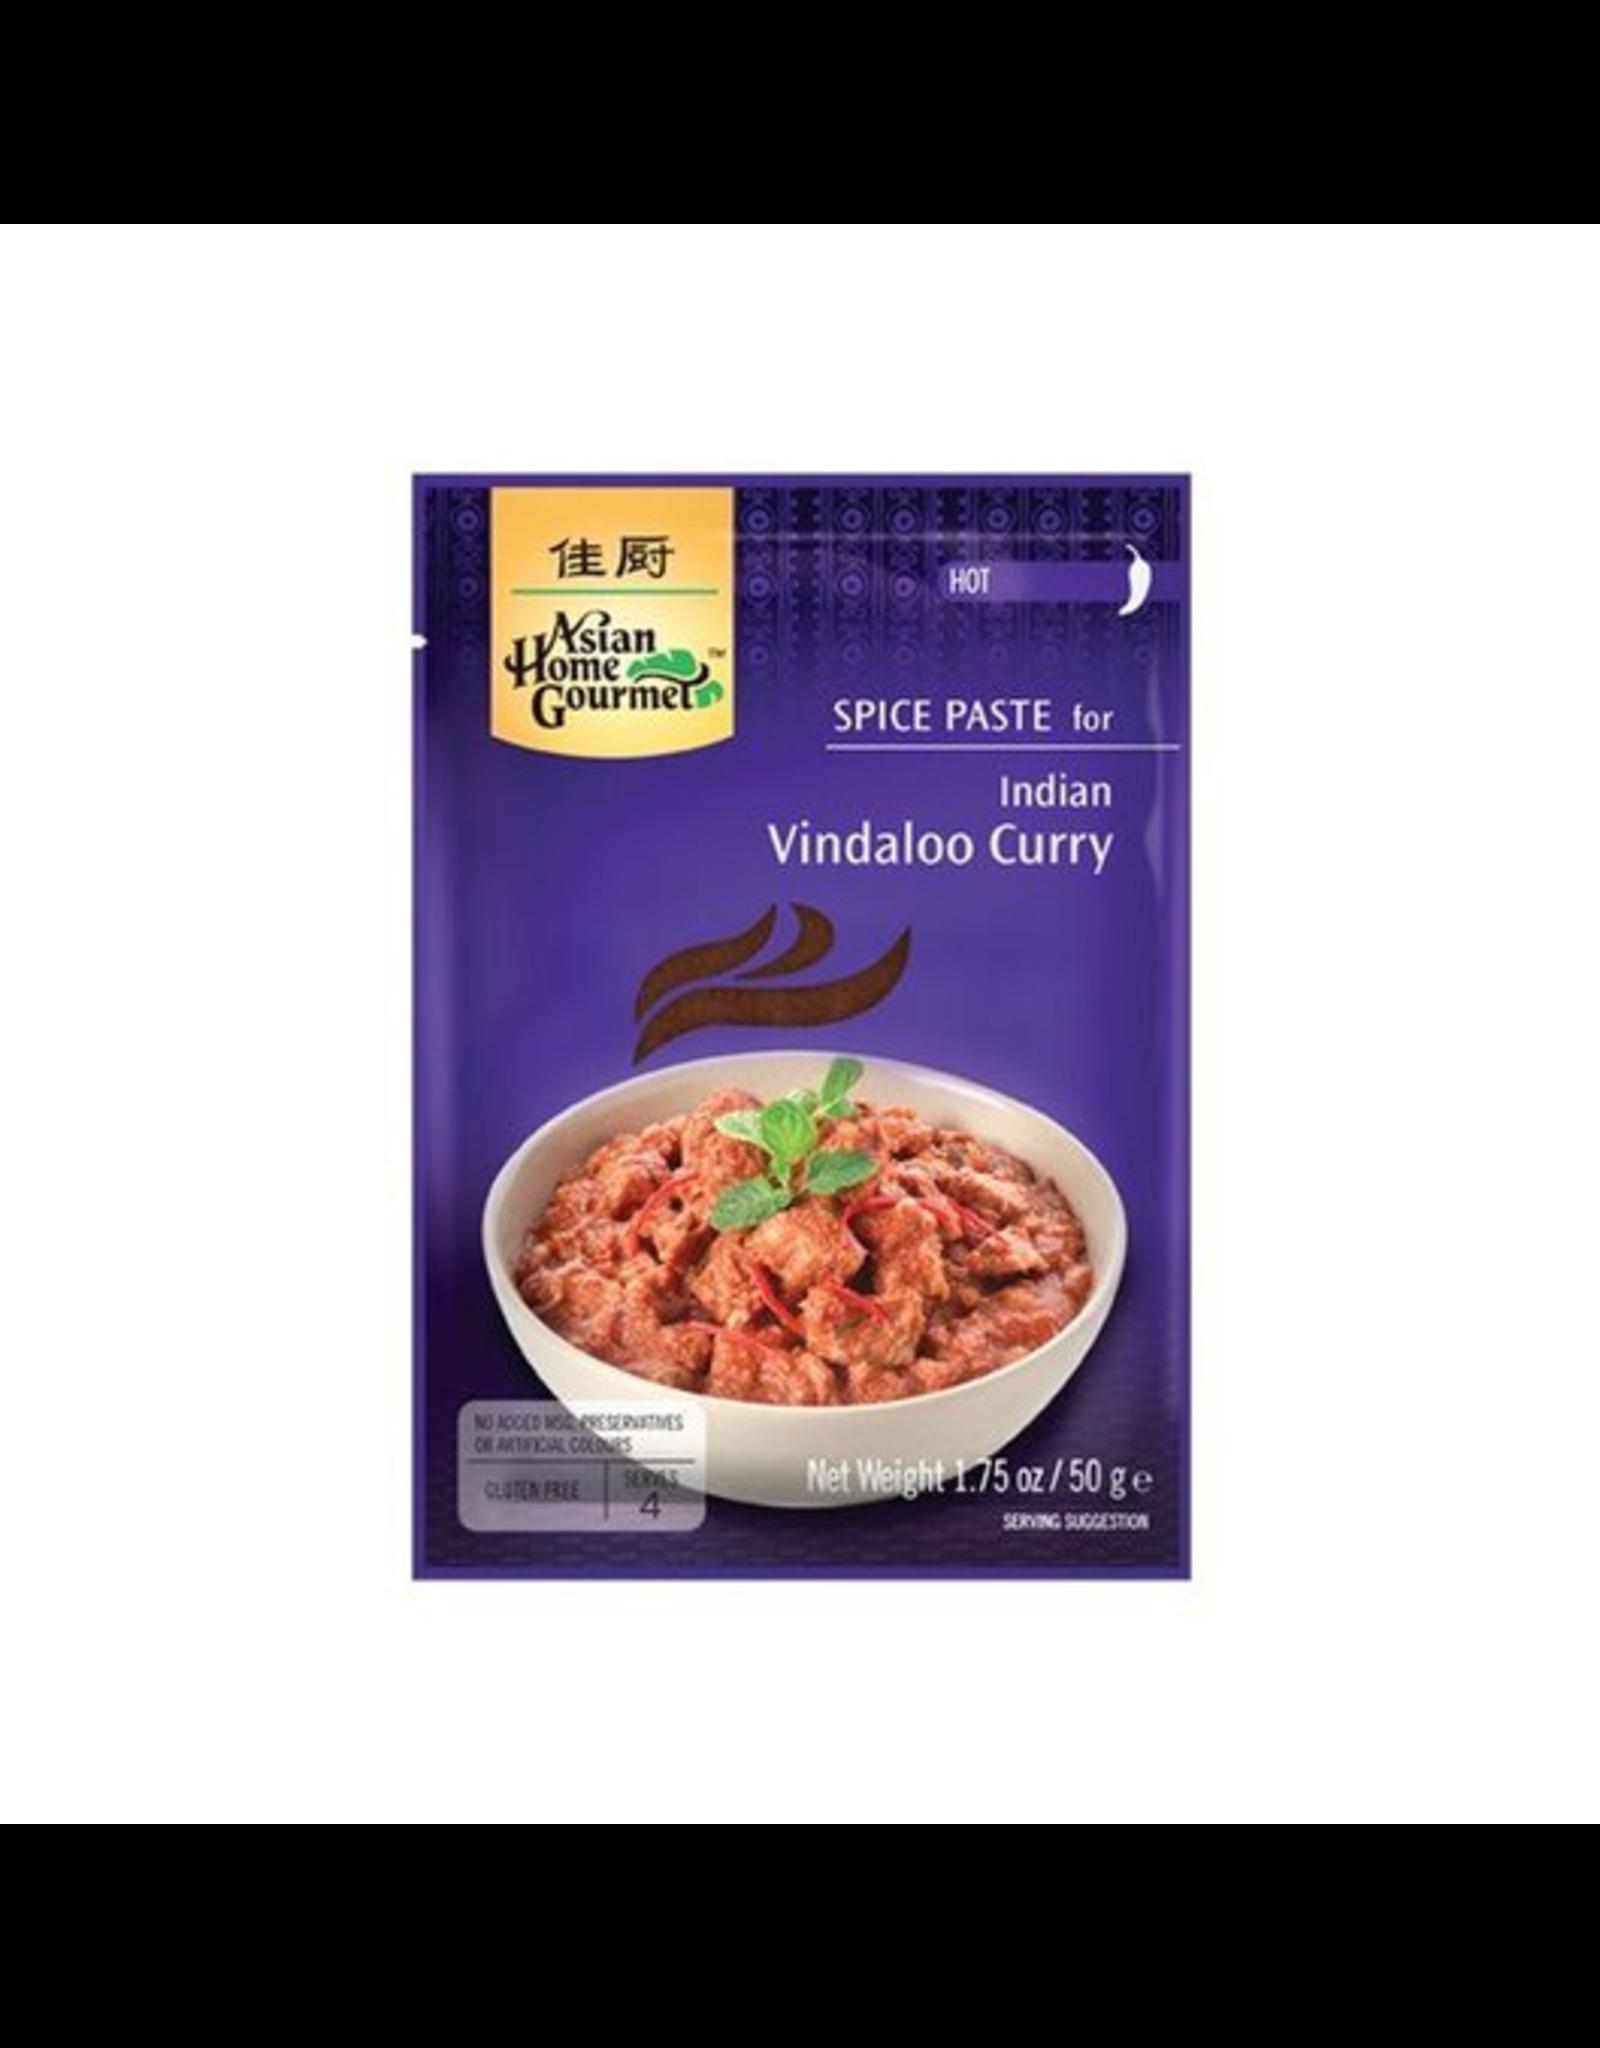 Asian Home Gourmet Indian Vindaloo Curry